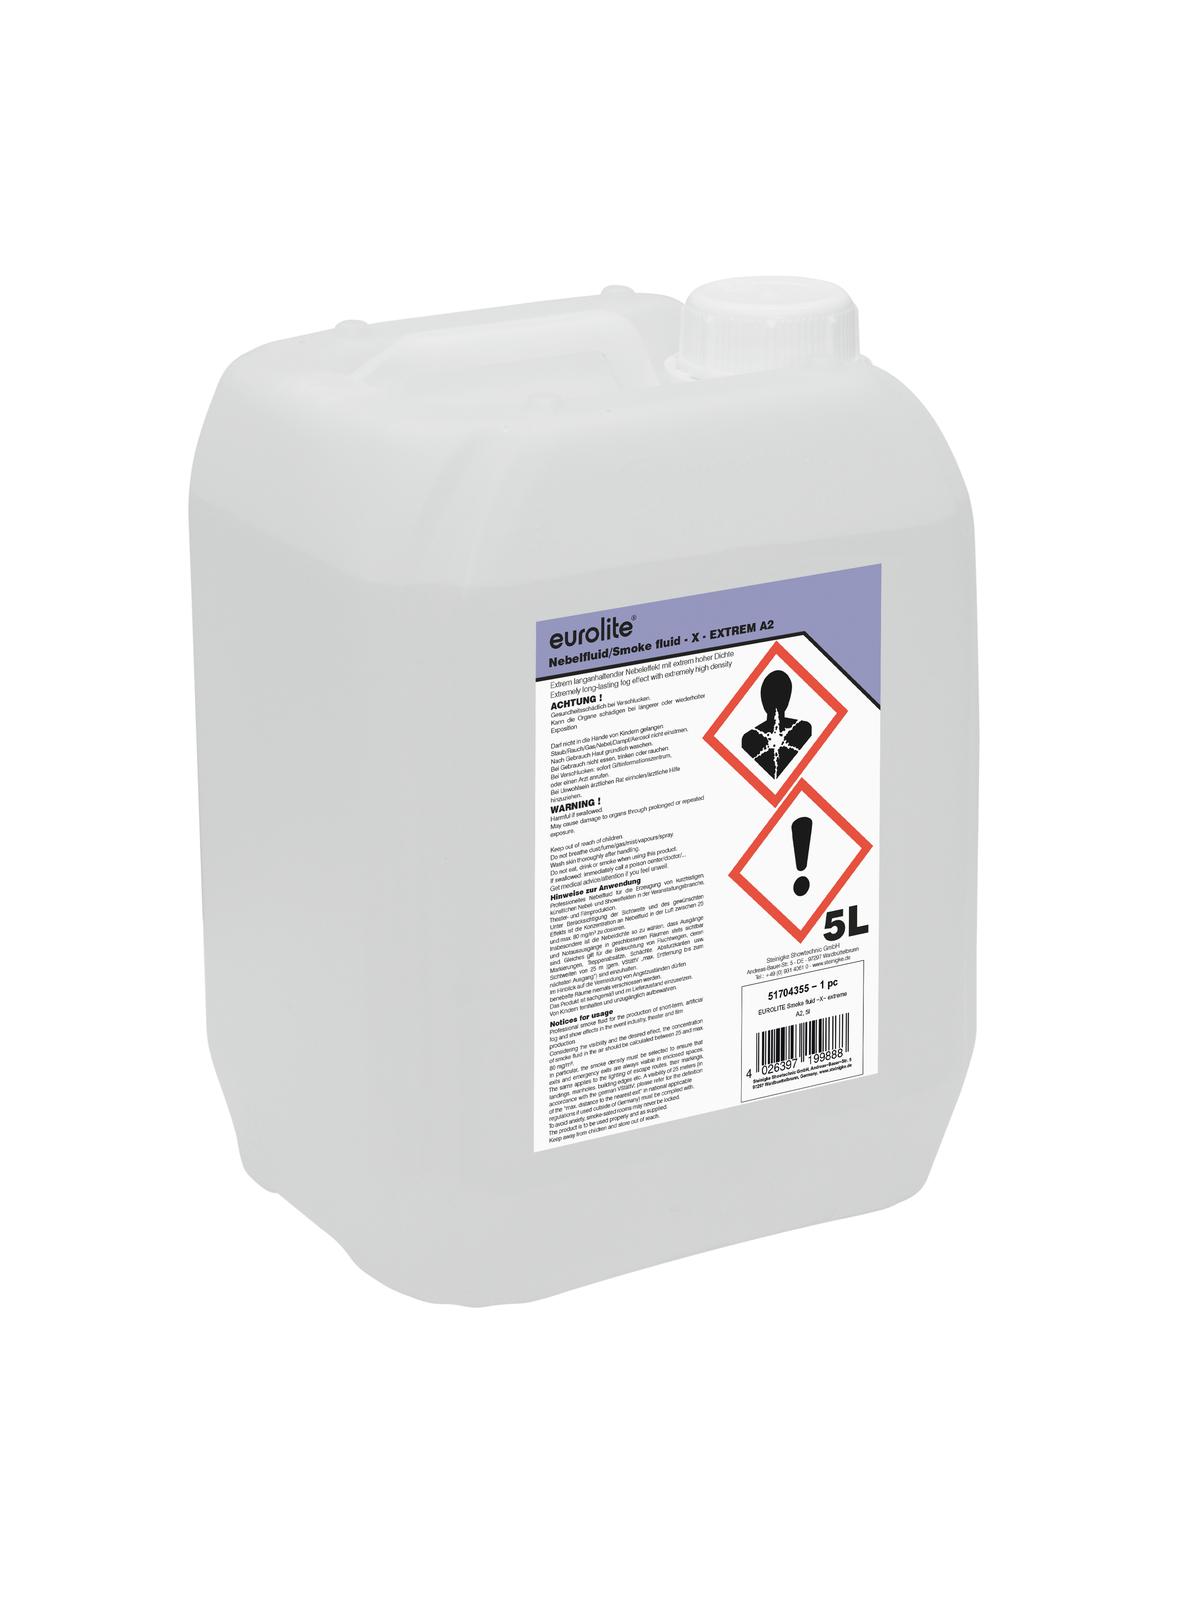 Liquido per macchina del fumo, 5 litri, EUROLITE extreme A2